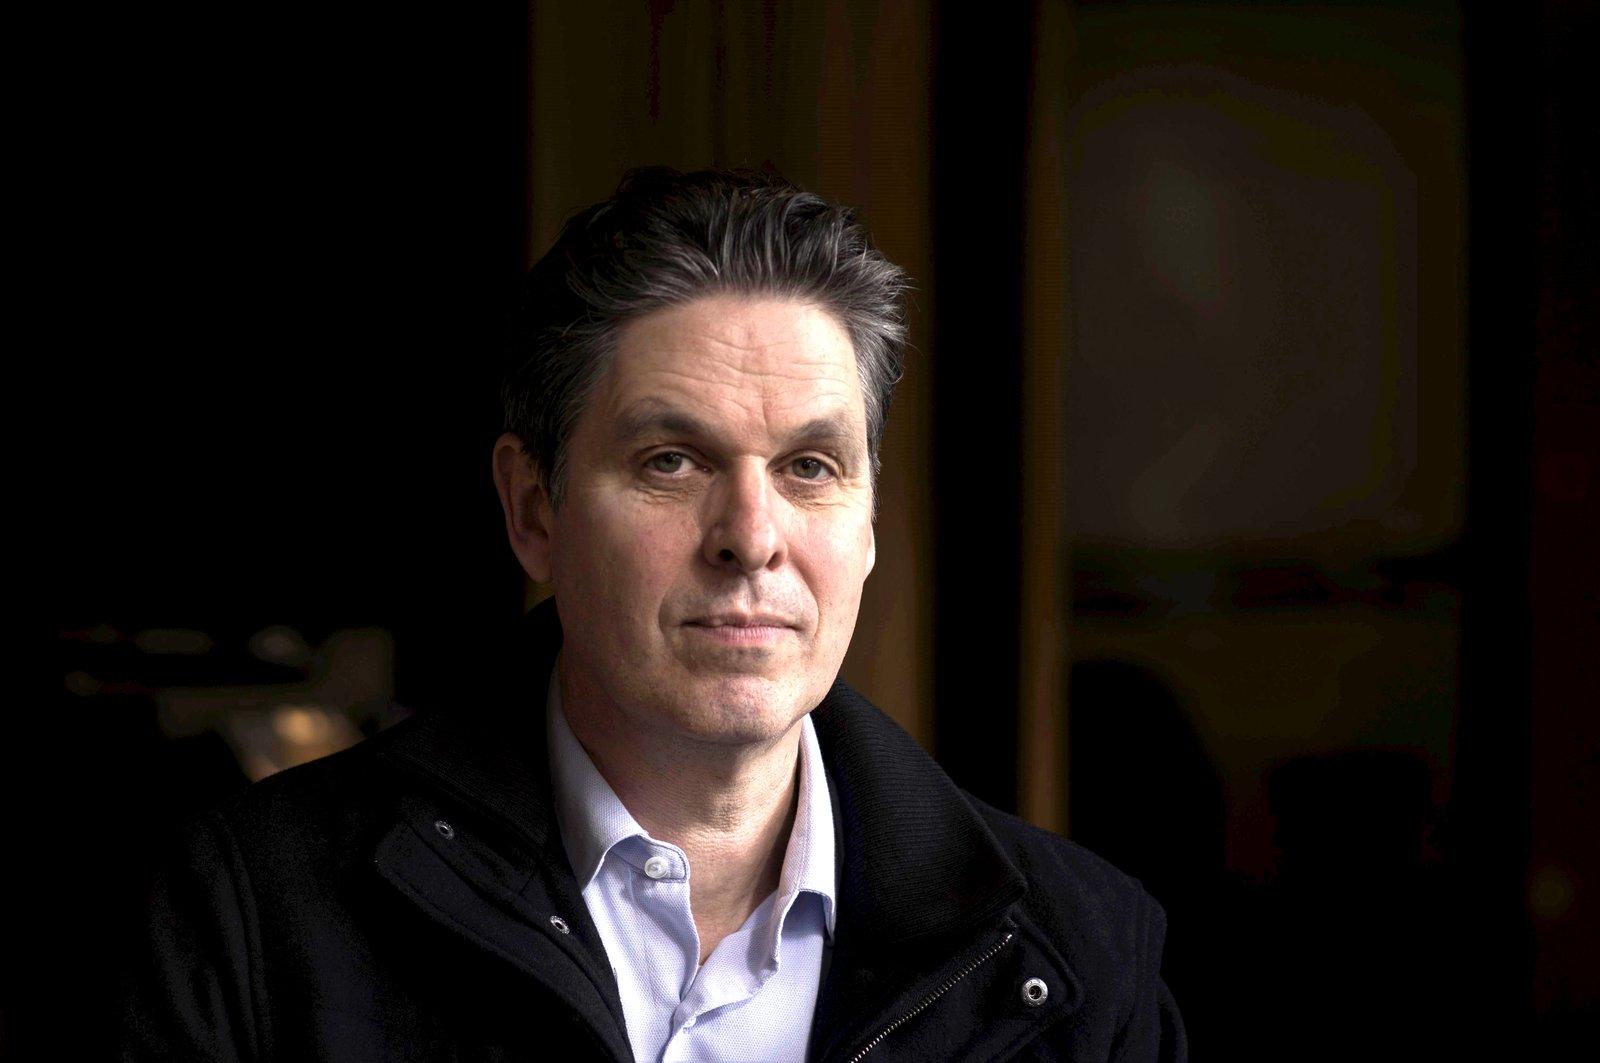 Professor Geoffrey Webb